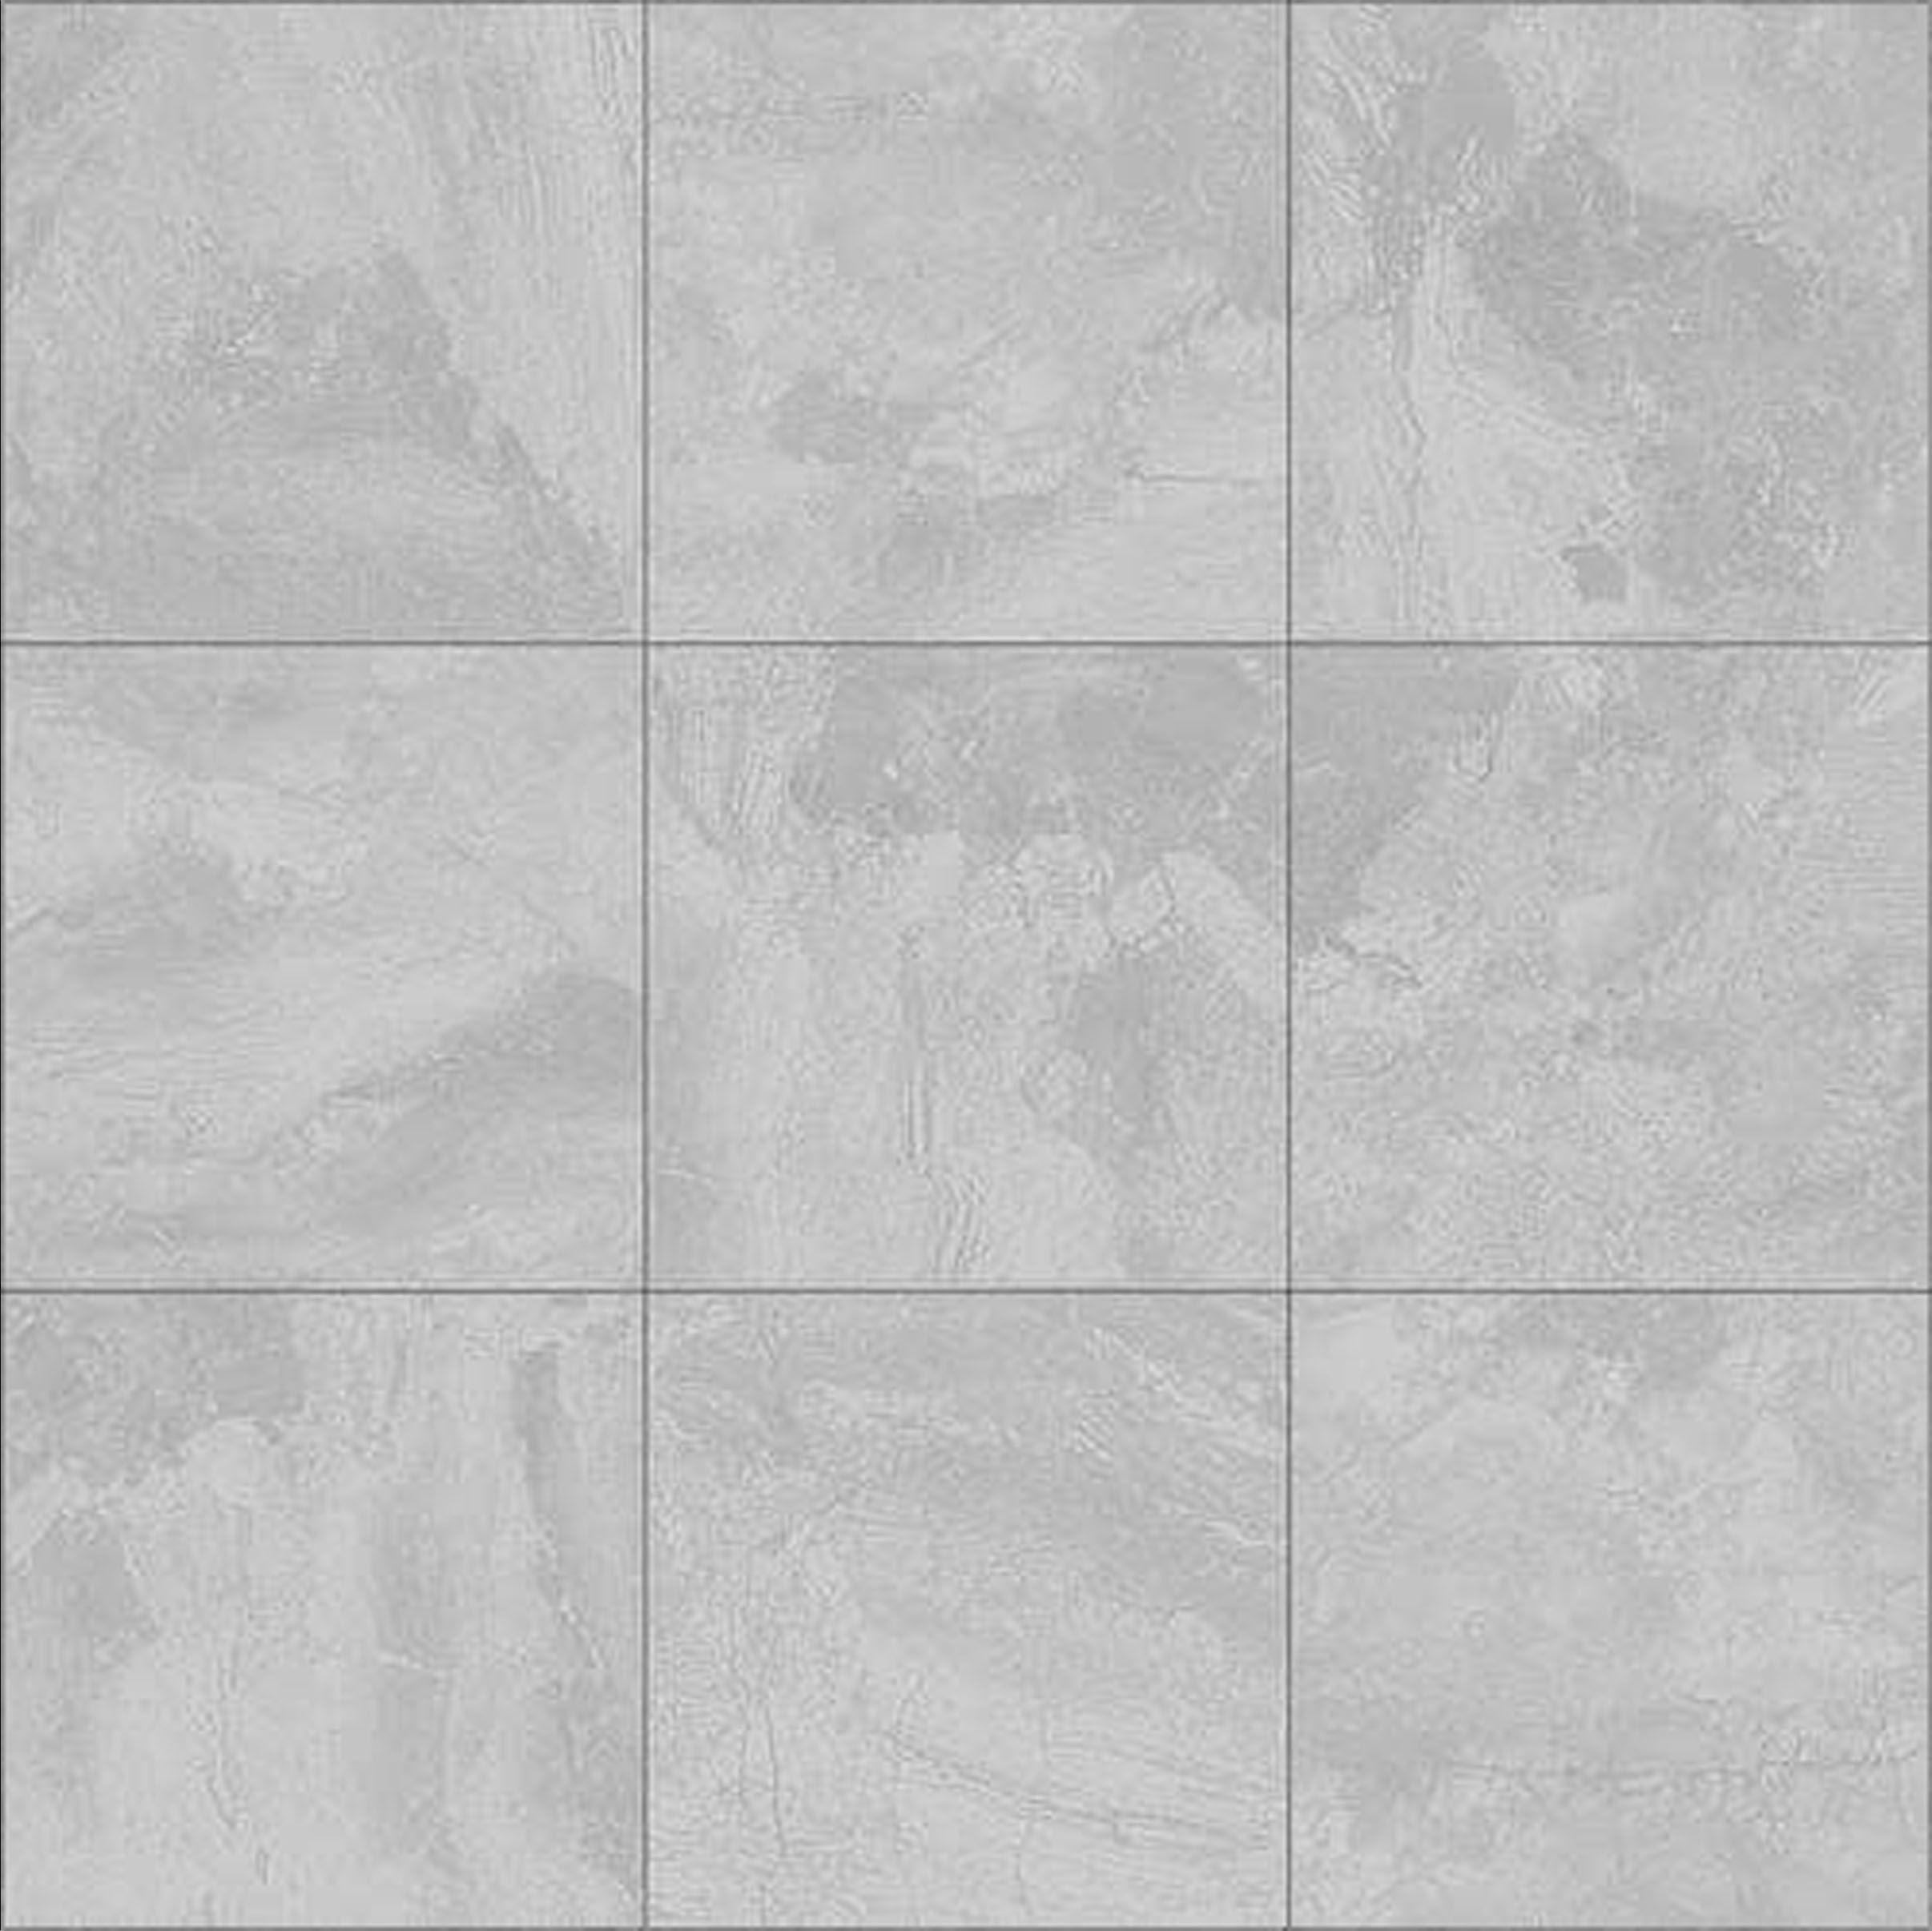 Pin De Jordania Trujillo En Textura Texturas Para Sketchup